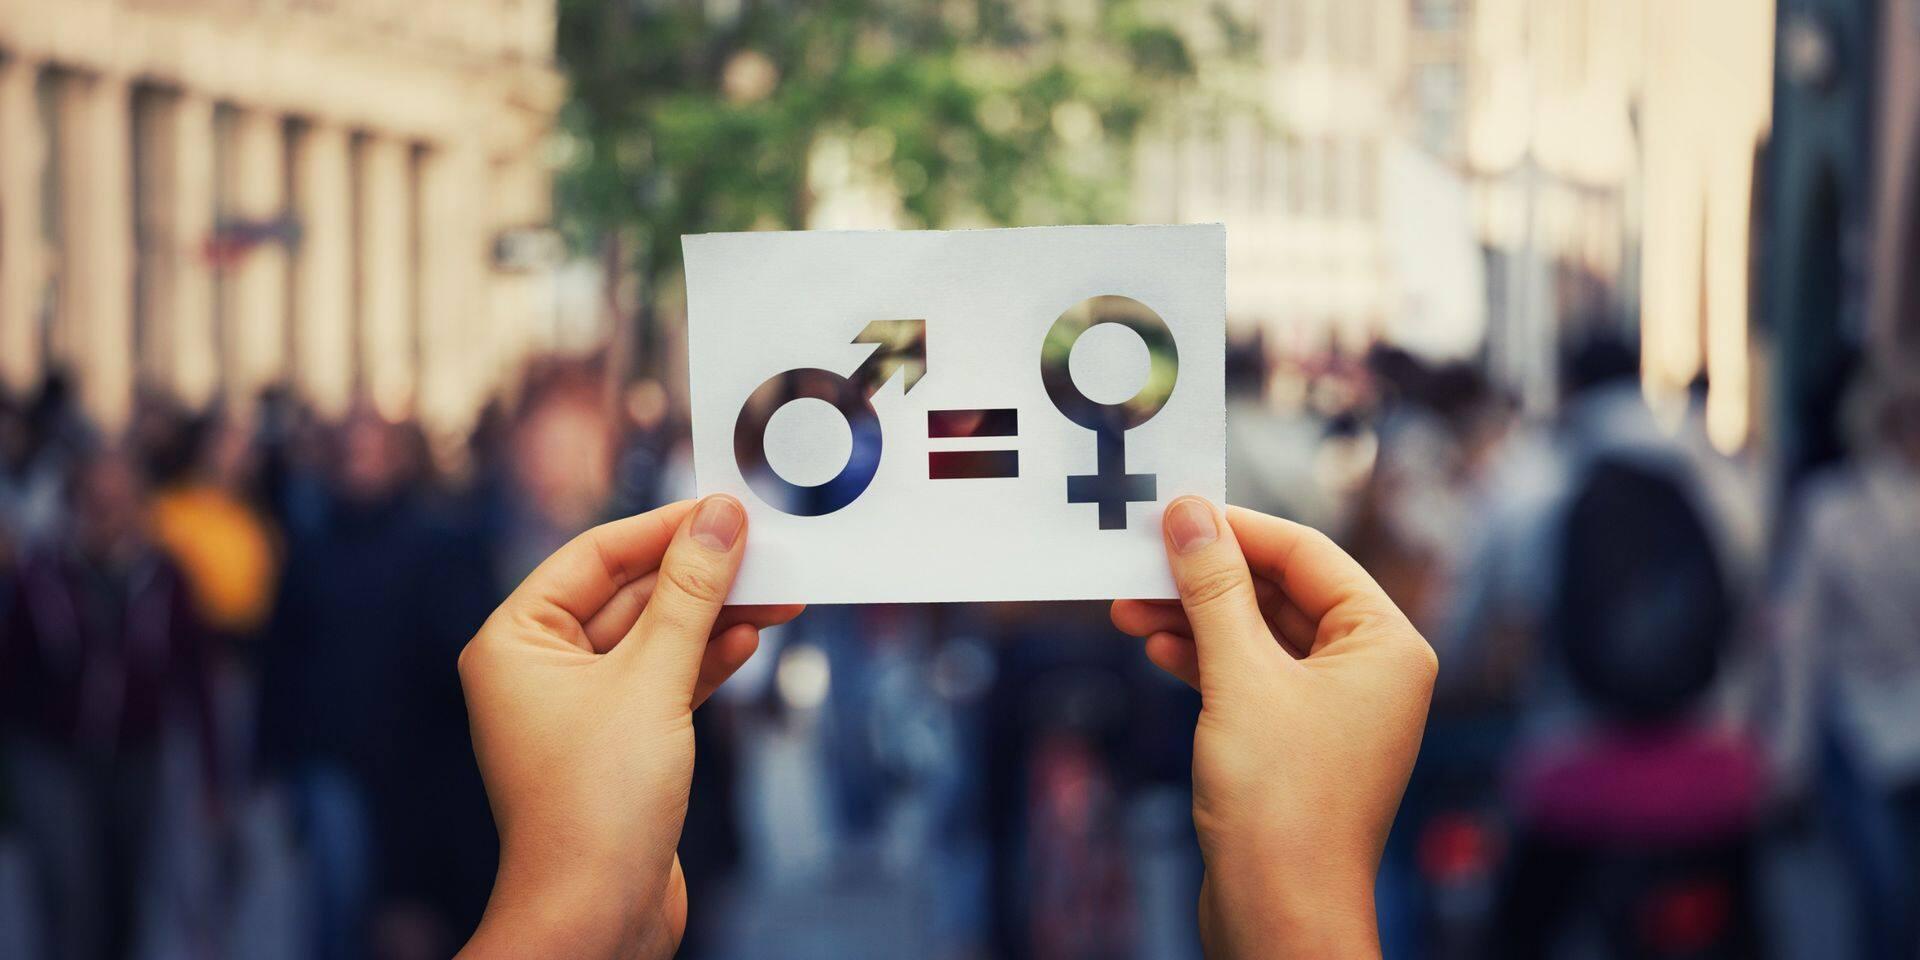 La pandémie aurait retardé les progrès vers l'égalité homme-femme d'une génération